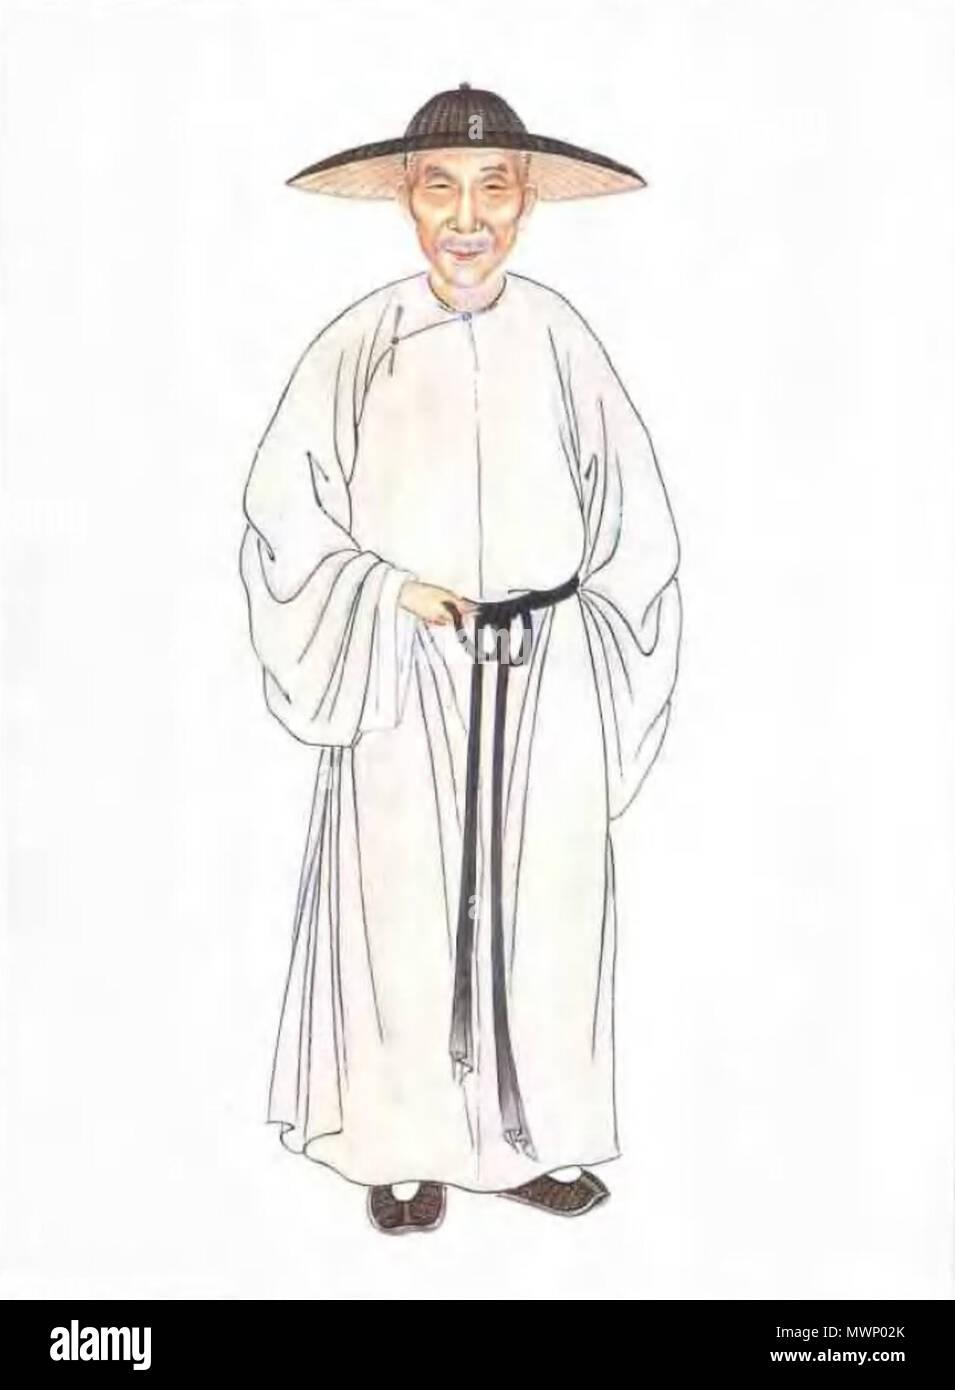 . 中文: 钱谦益(1582年-1664年),字受之,号牧斋,晚号蒙叟、东涧老人,江苏常熟人,明末文坛领袖。 English: Qian Qianyi (1582–1664) was a noted late Ming official, scholar and social historian. 19th century. 楊鵬秋 508 Qian Qianyi - Stock Image